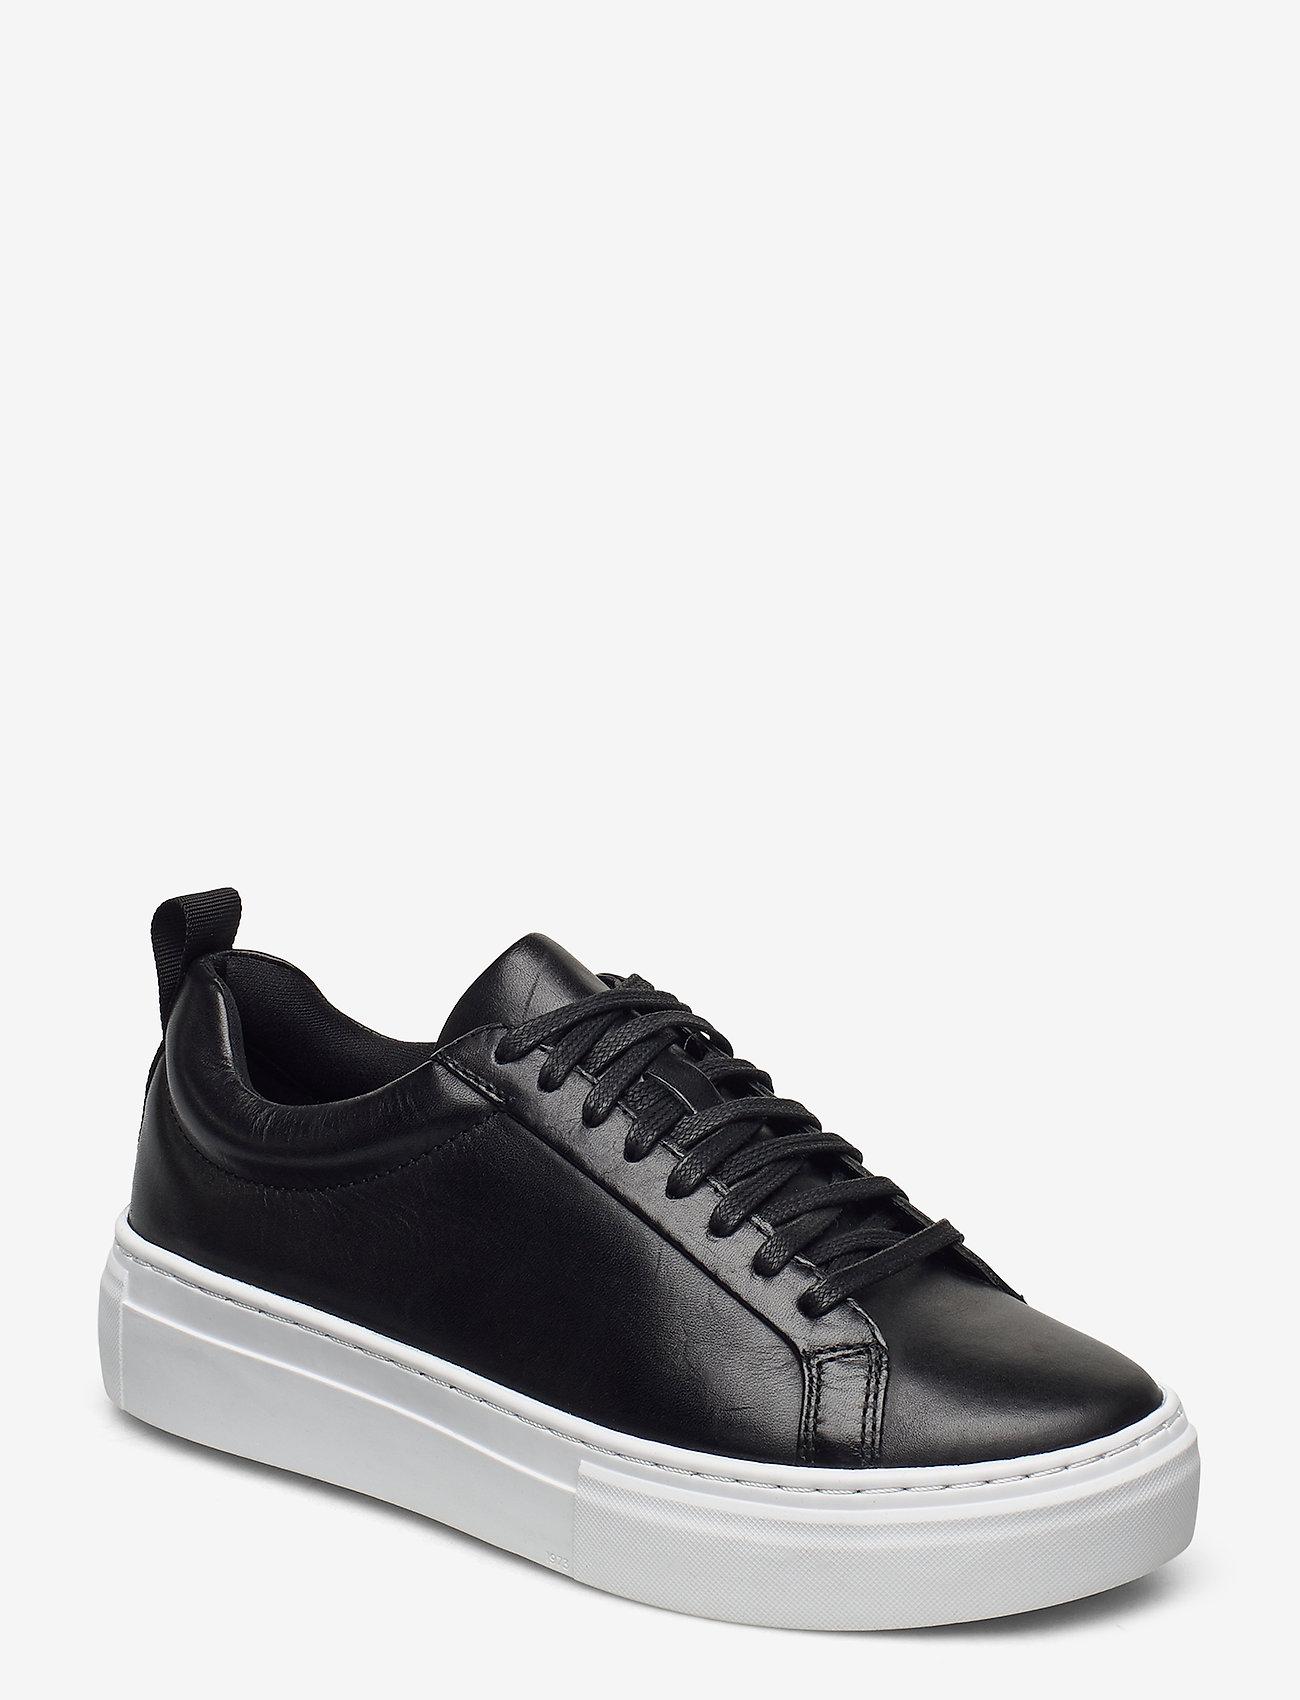 VAGABOND - ZOE PLATFORM - sneakersy niskie - black - 1